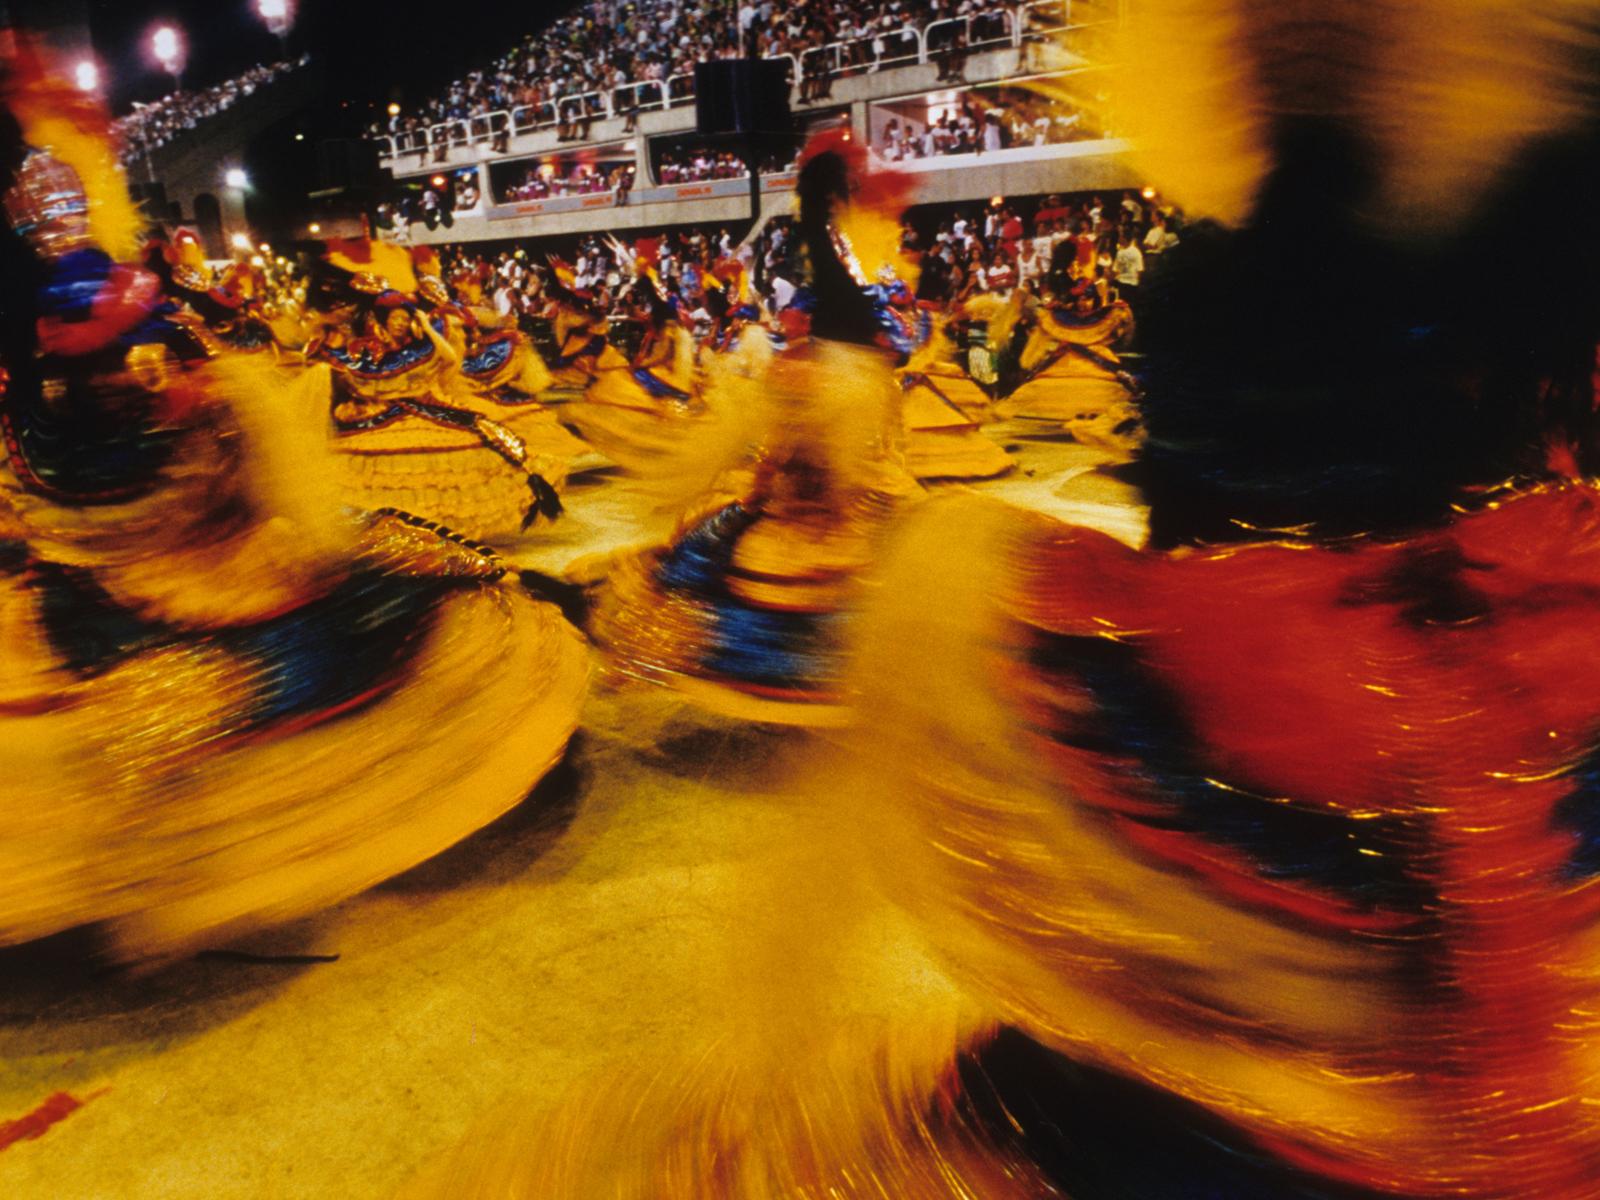 Averdadeira alegria do carnaval - 1600x1200